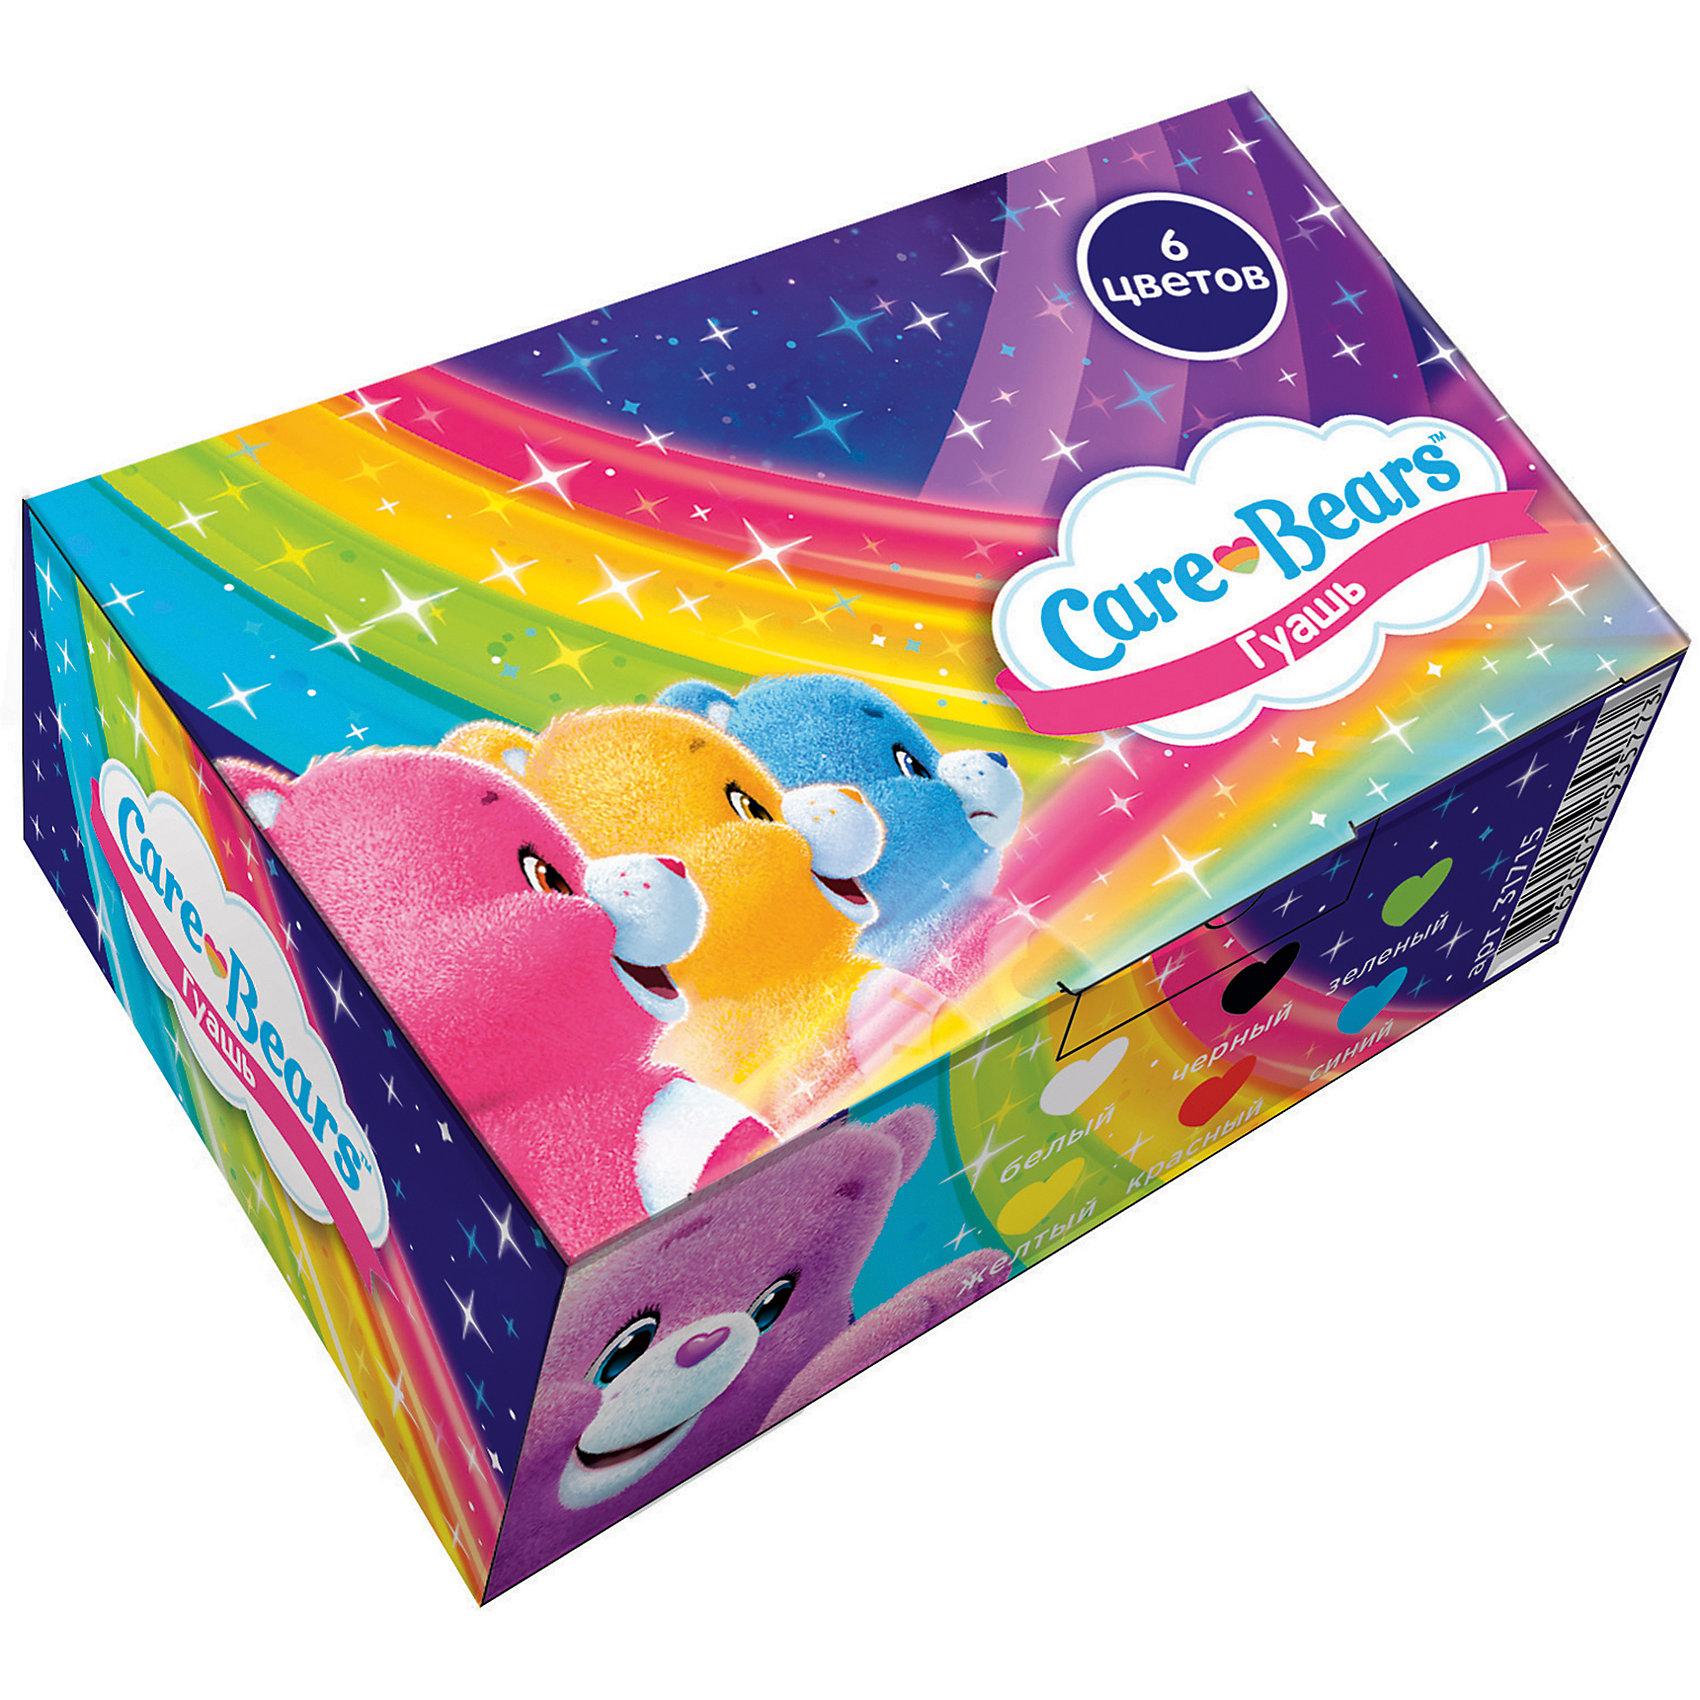 Гуашь «Заботливые мишки», 6 цветов6 насыщенных цветов гуаши Заботливые мишки помогут вашему юному художнику создавать множество ярких рисунков, развивая при этом воображение, мелкую моторику, цветовосприятие и умение рисовать. А милые герои, изображенные на упаковке, будут радовать кроху и вдохновлять на новые детские шедевры. Краска идеально подходит для рисования на бумаге, картоне, холсте, ткани и фанере: она хорошо размывается водой, легко наносится, при высыхании приобретает матовую, бархатистую поверхность. Гуашь легко смывается с рук и одежды, безопасна при использовании по назначению.<br>В наборе Заботливые мишки 6 насыщенных цветов гуаши в прозрачных баночках по 20 мл с навинчивающимися крышками. Цвета: белый, желтый, красный, синий, зеленый, черный. Состав: вода питьевая, метилцеллюлоза, пигменты органические и неорганические, глицерин. Срок годности: 2 года. Размер упаковки: 12х7,7х4 см.<br><br>Ширина мм: 120<br>Глубина мм: 77<br>Высота мм: 40<br>Вес г: 240<br>Возраст от месяцев: 36<br>Возраст до месяцев: 2147483647<br>Пол: Женский<br>Возраст: Детский<br>SKU: 5526408